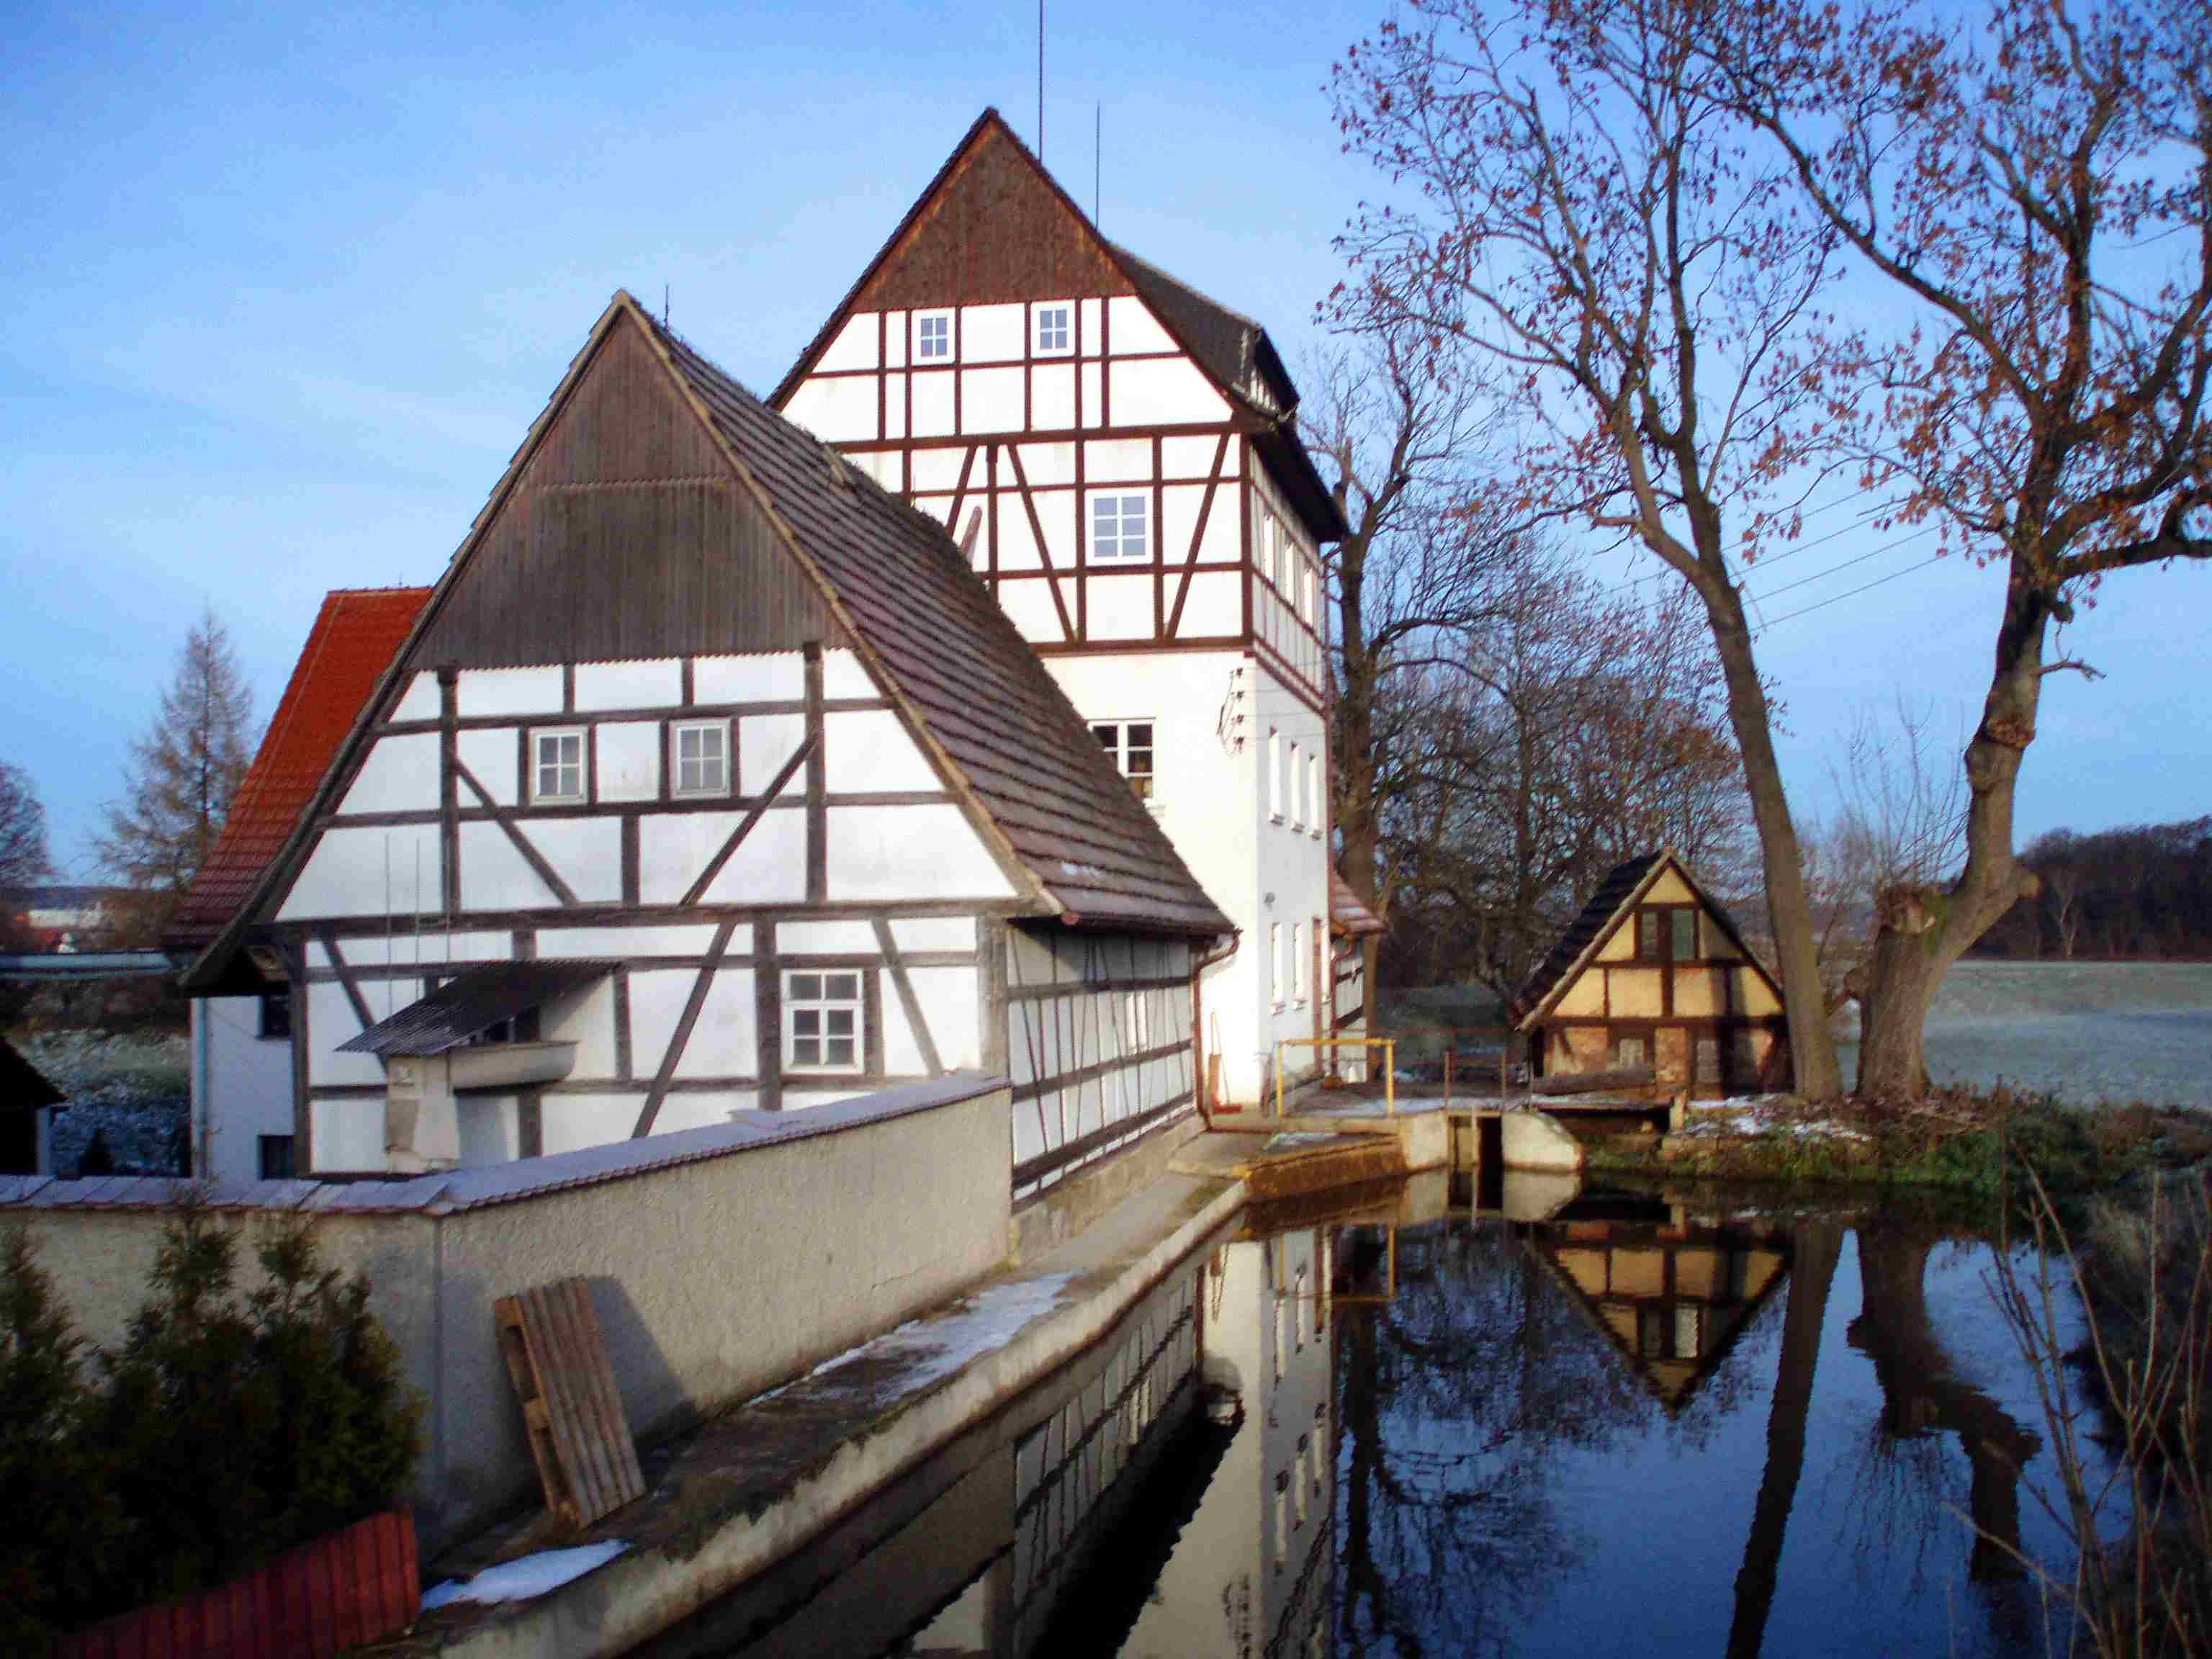 Bild von Zwickau (Landkreis): Klatschmühle